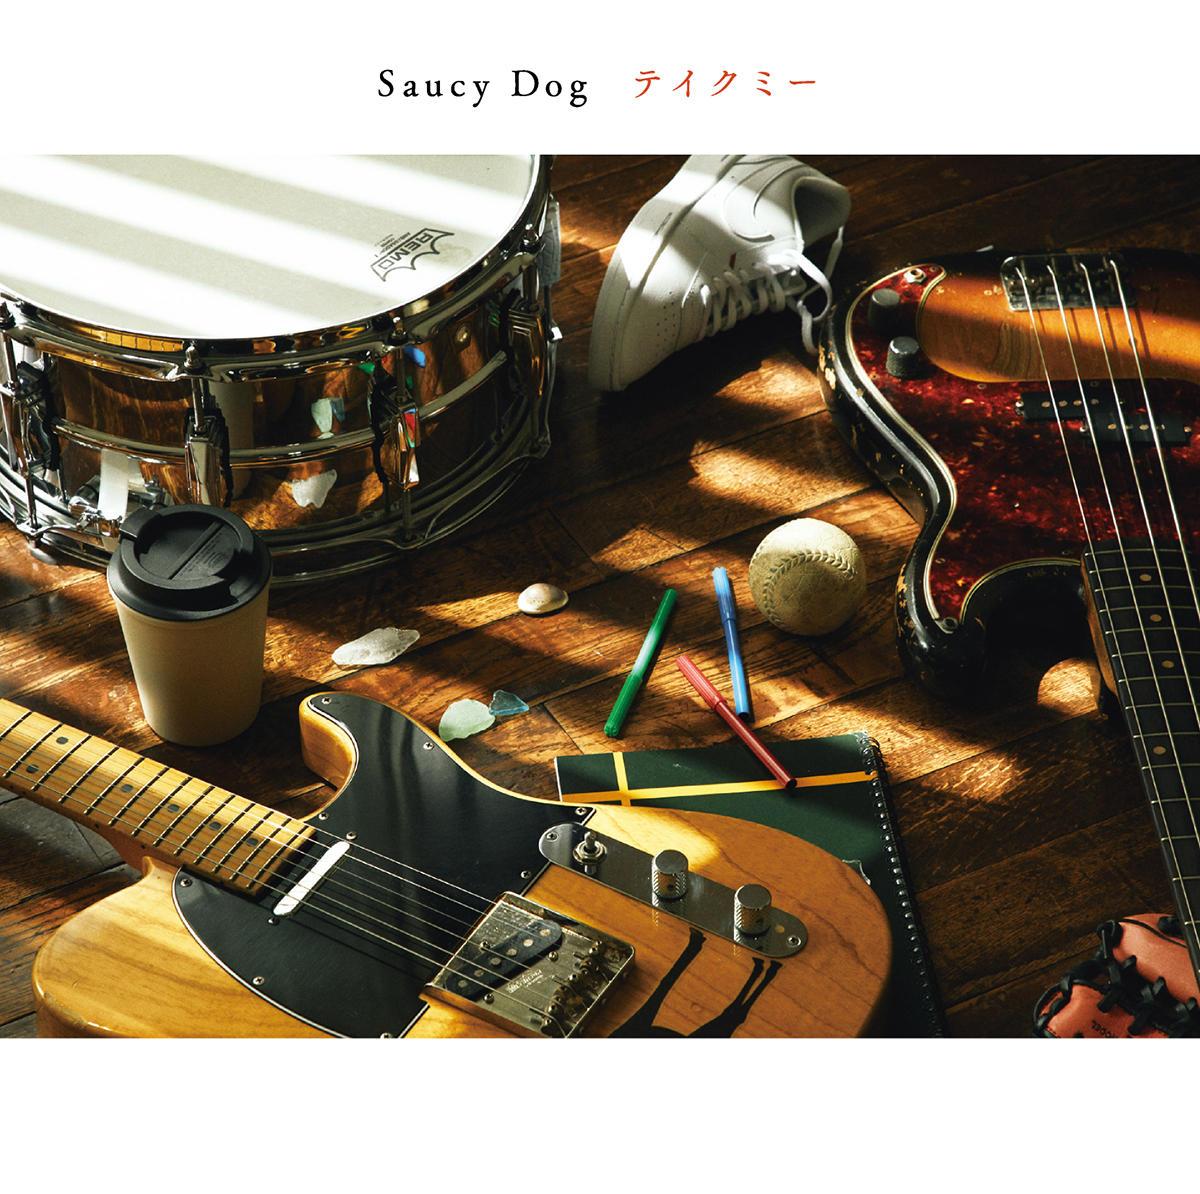 saucydog_Take Me_jk_20200806.jpg